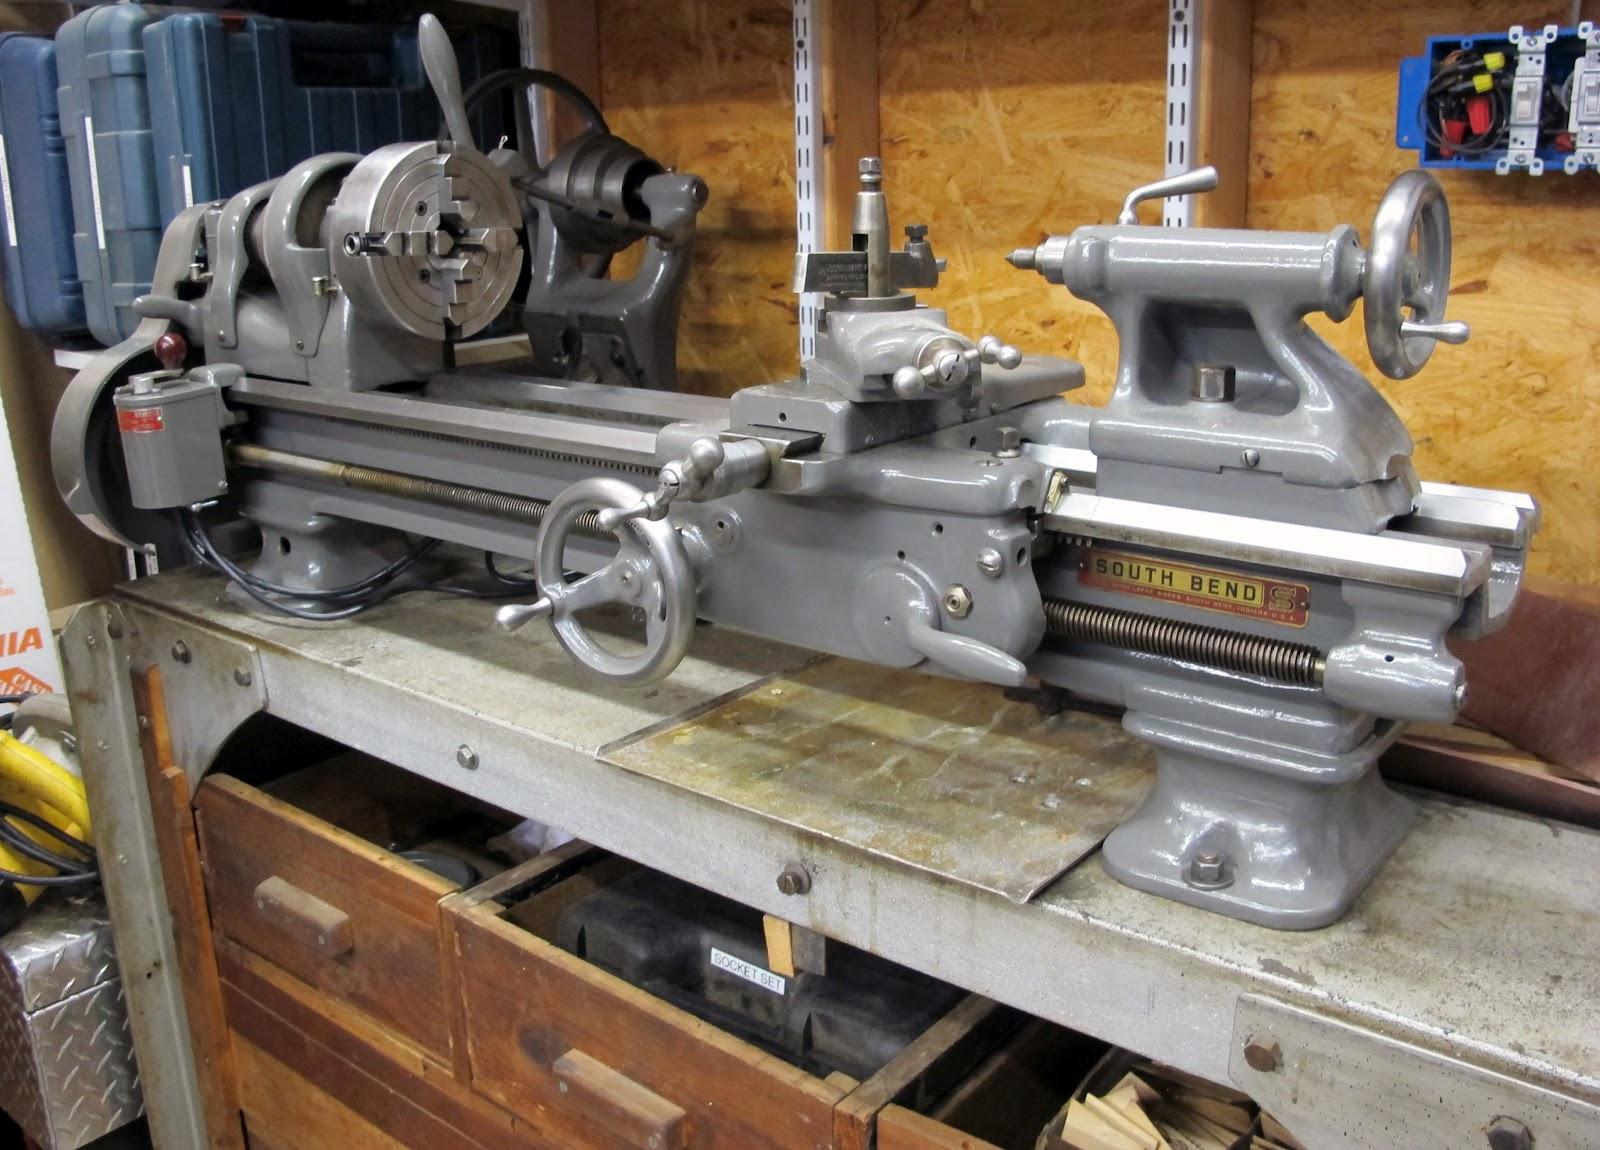 south bend workshop lathe